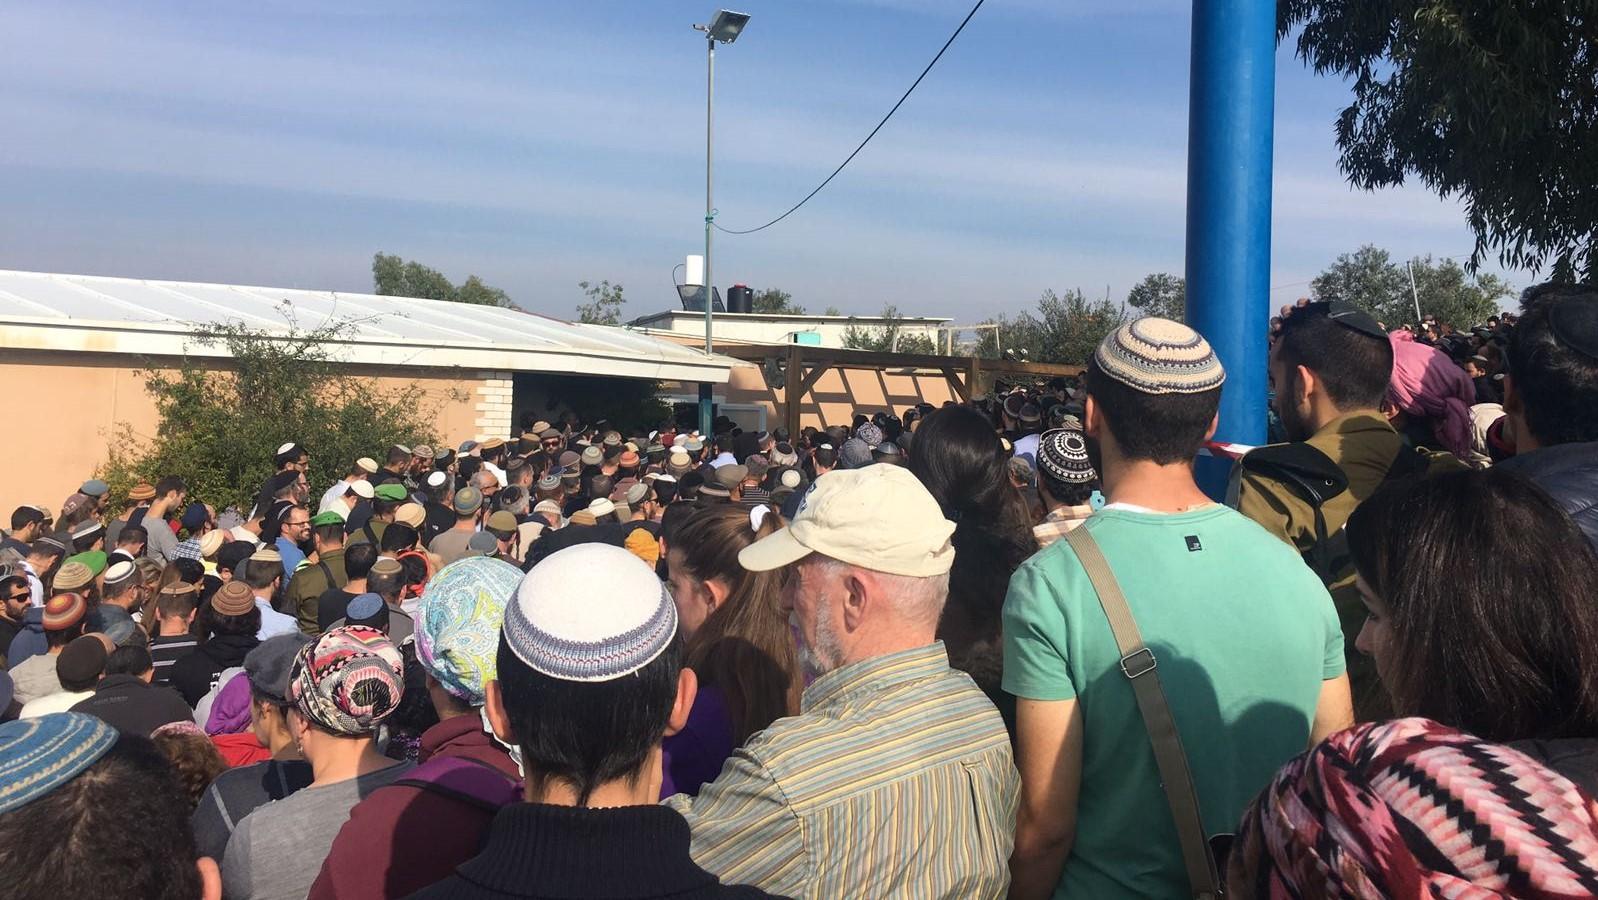 רבים בהלוויית הרב רזיאל שבח שנרצח ע״י מחבלים ליד חוות גלעד